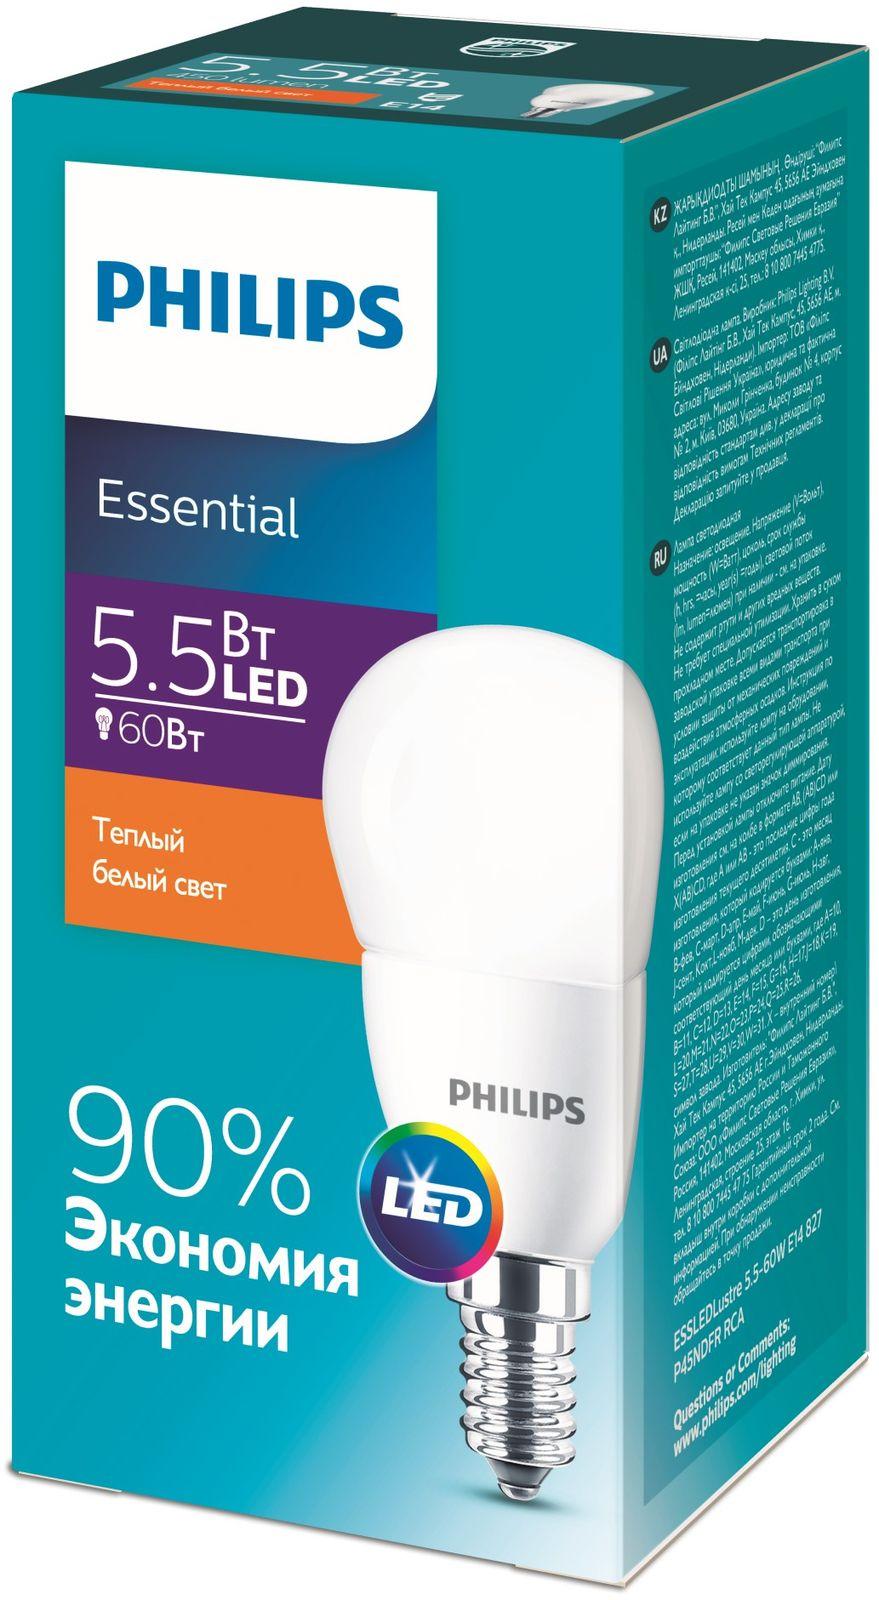 Лампочка Philips Essential LEDLustre, Теплый свет 5,5 Вт, Светодиодная лампочка philips теплый свет 14 5 вт светодиодная